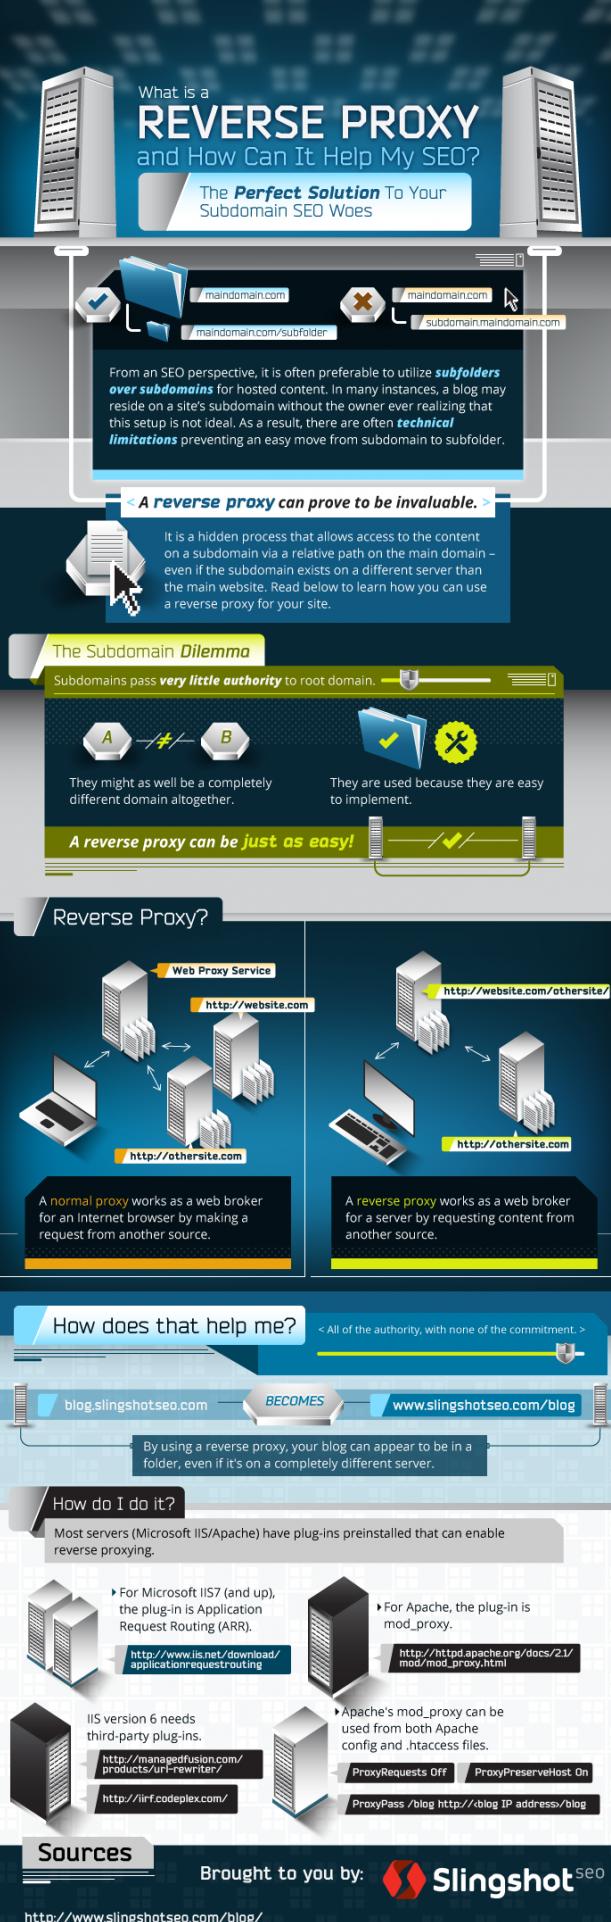 Reverse Proxy Infographic